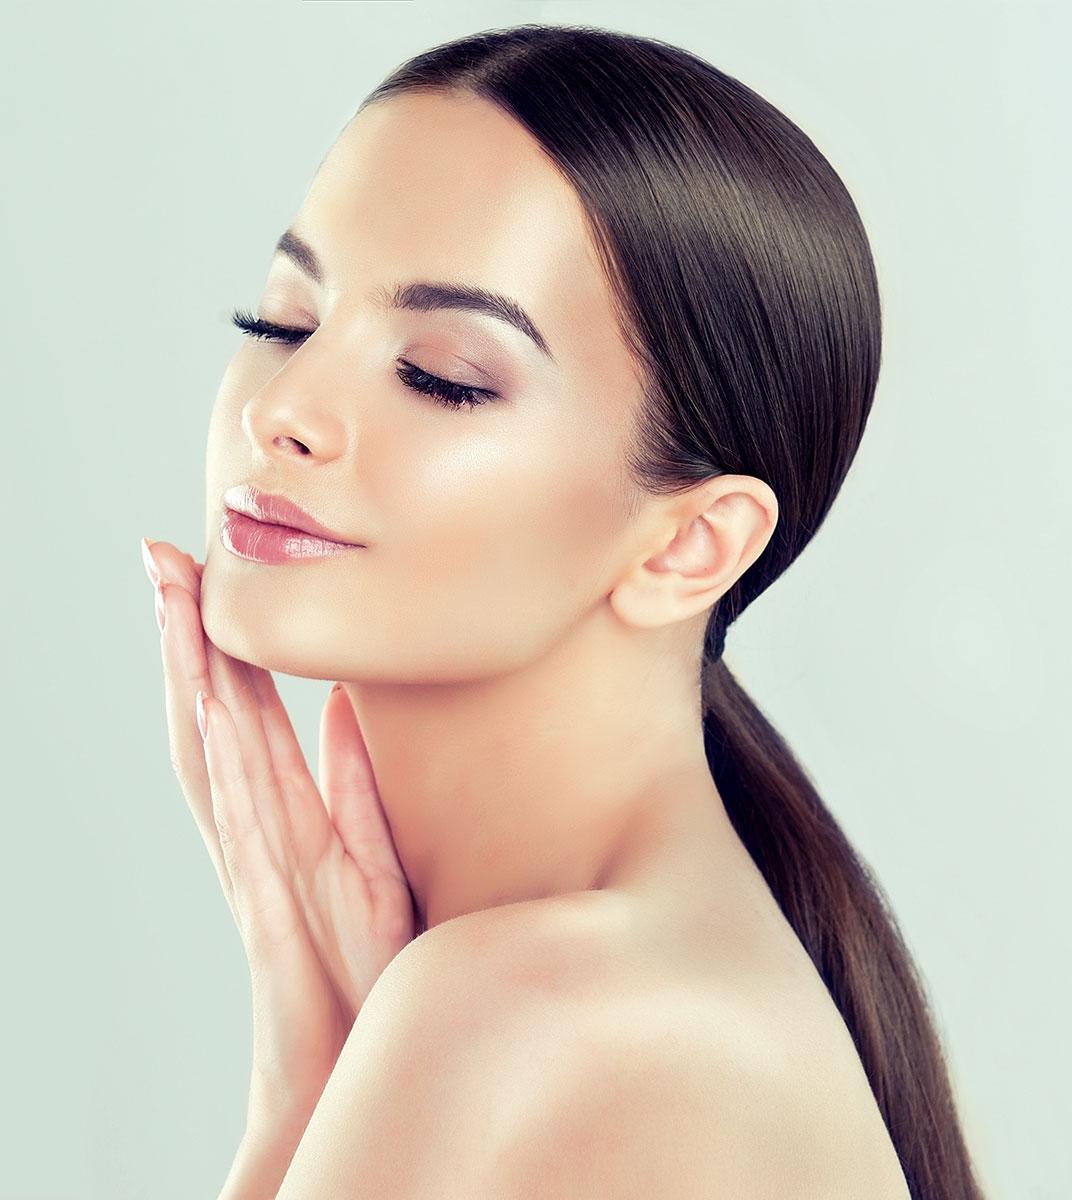 Gesichtsbehandlung Schönheitschirurgie Alterungsprozess aufhalten